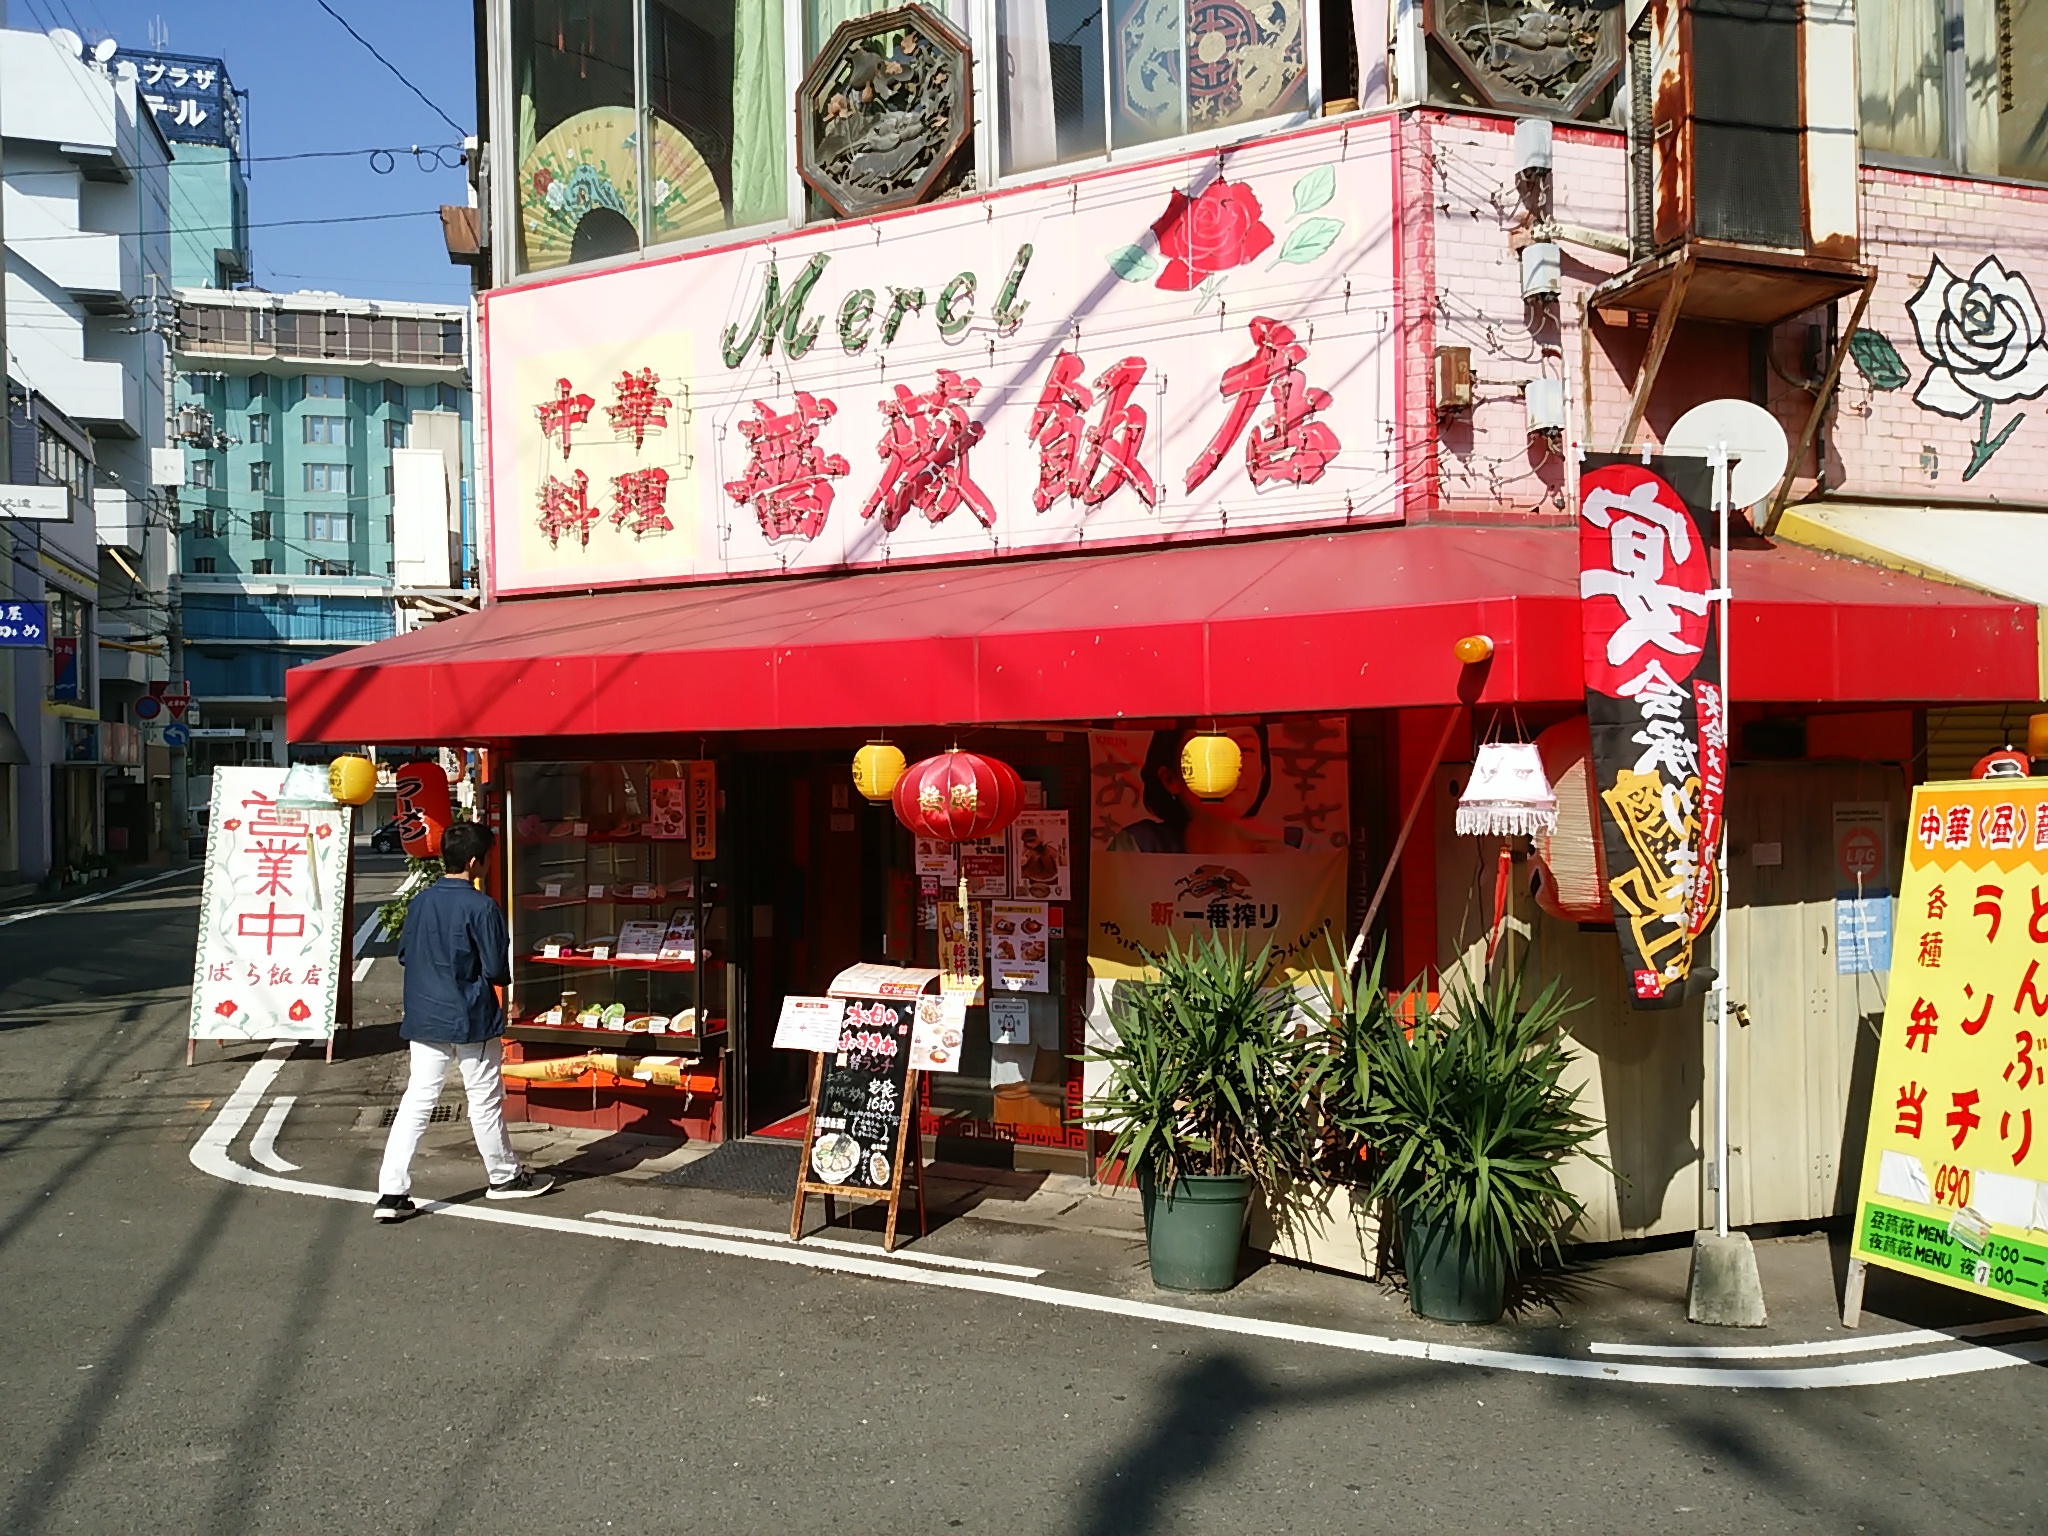 丸亀市の中華料理薔薇飯店の塩バターラーメンにハマる